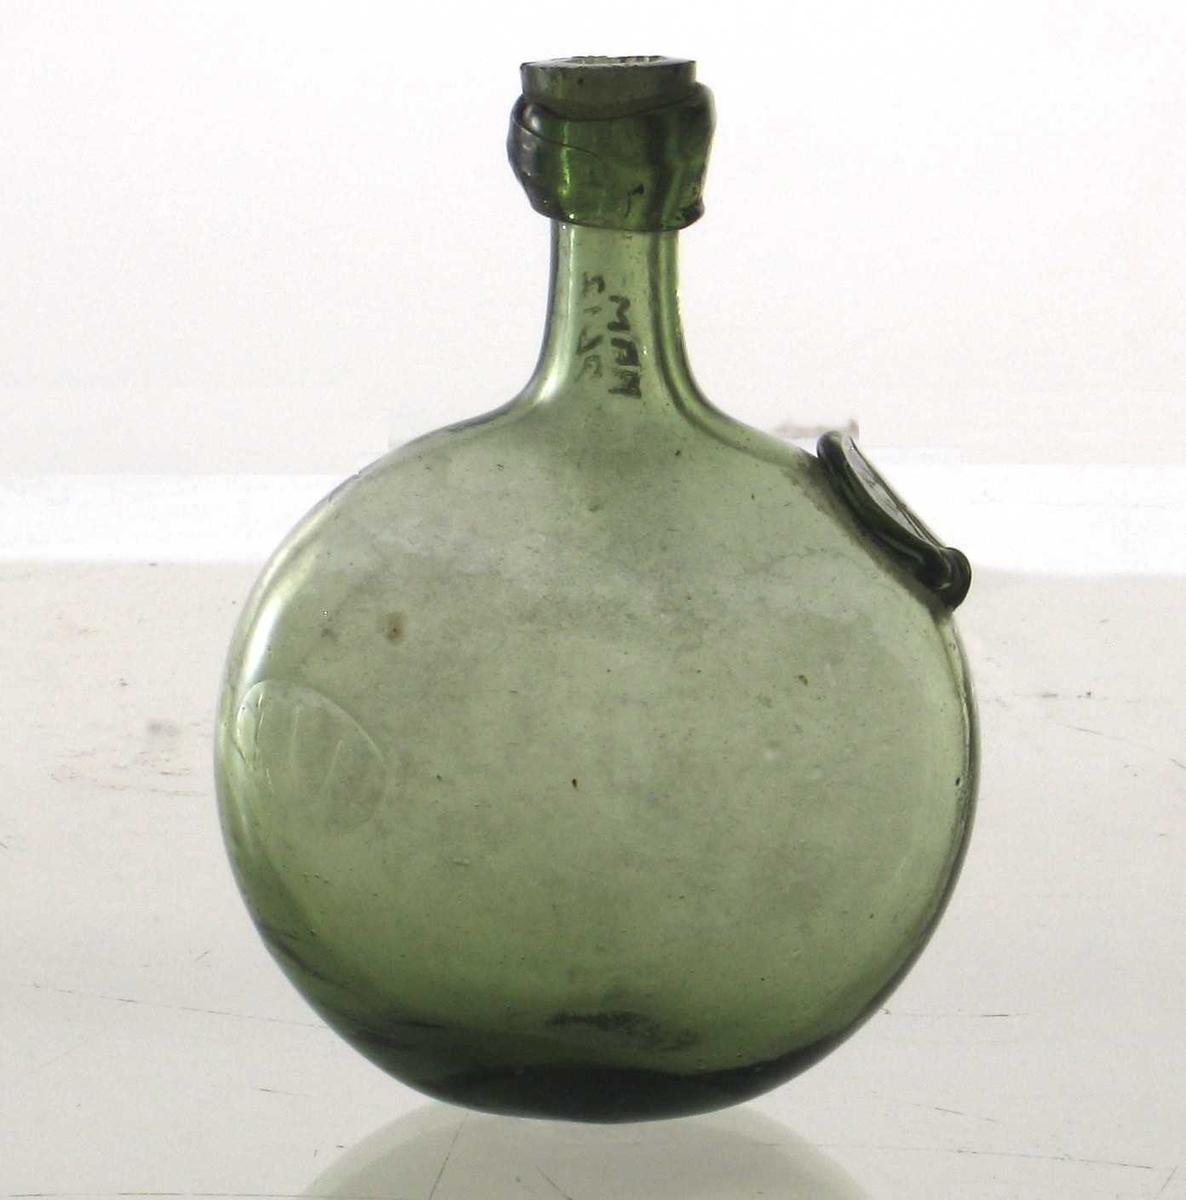 Grønt glass,  kuleformet flattrykt korpus, høy, smal hals,  fals ved munningen, påloddet knapp på skulderen  med segl og initialer   R.I.R.  1800-årene, Norge. Tilstand 1962: god.